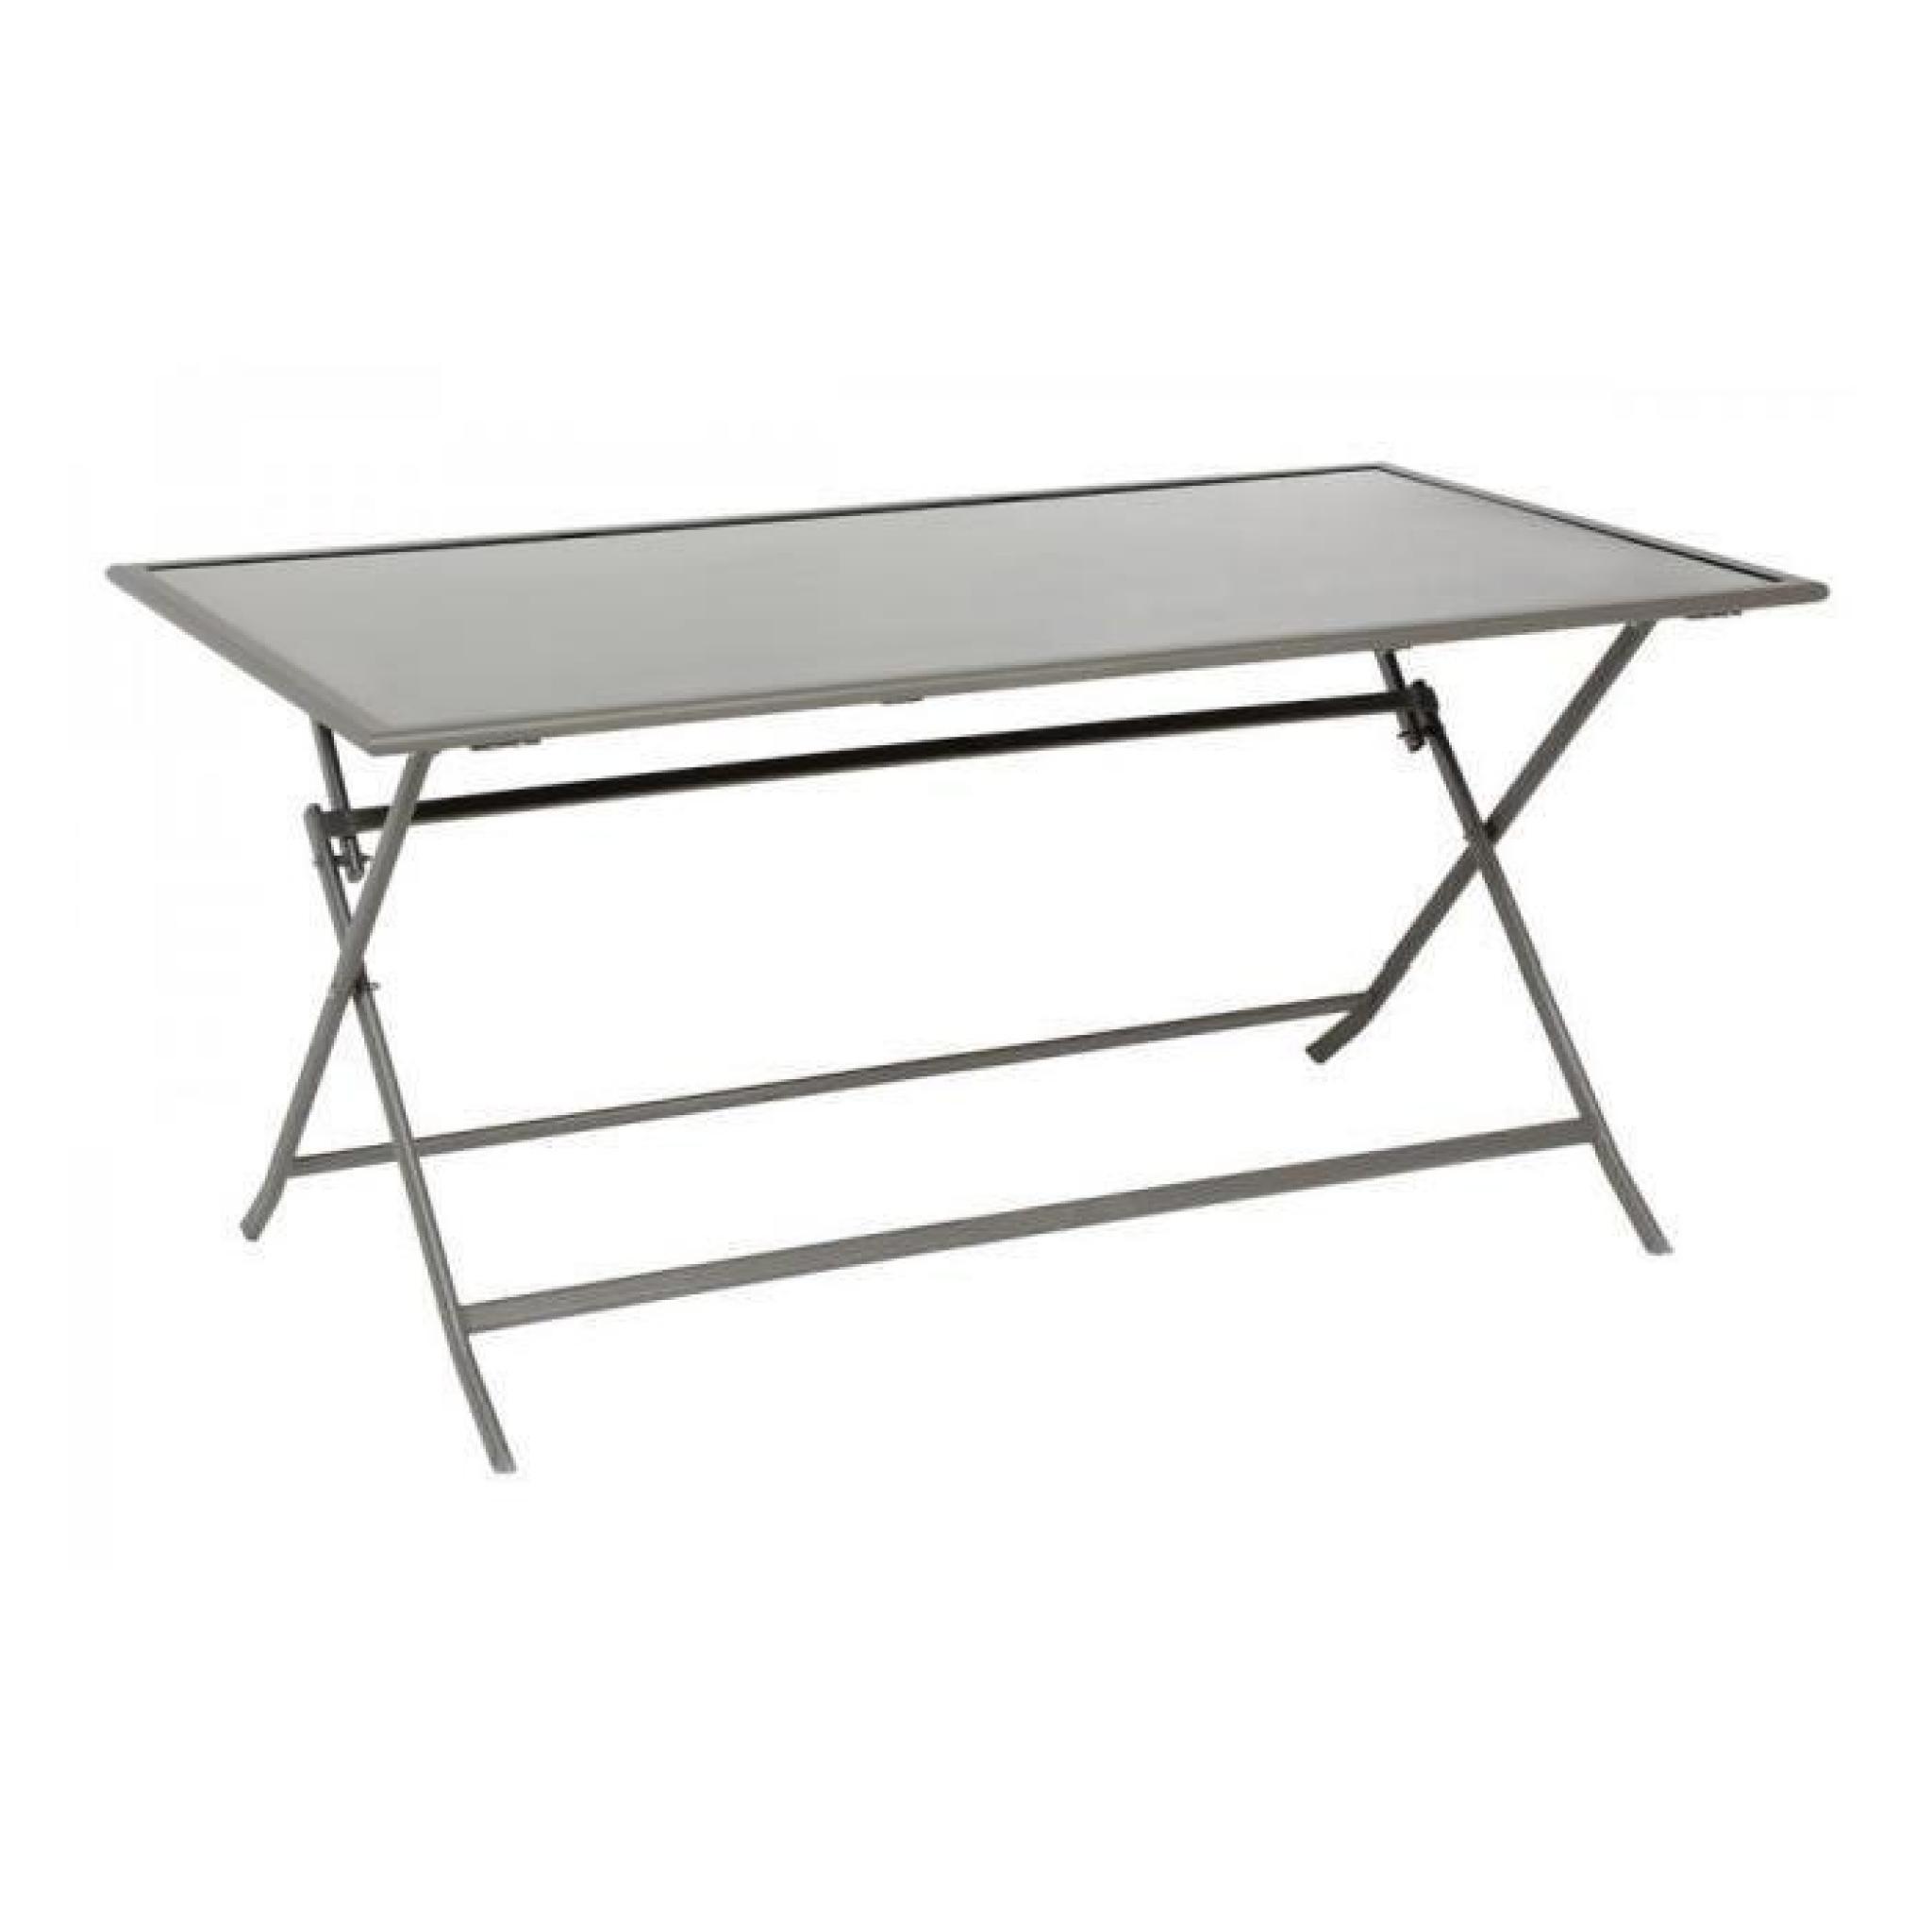 TABLE PLIANTE D\'EXTÉRIEUR RECTANGULAIRE FLEXIA 150 CM GRIS/SILVER MAT